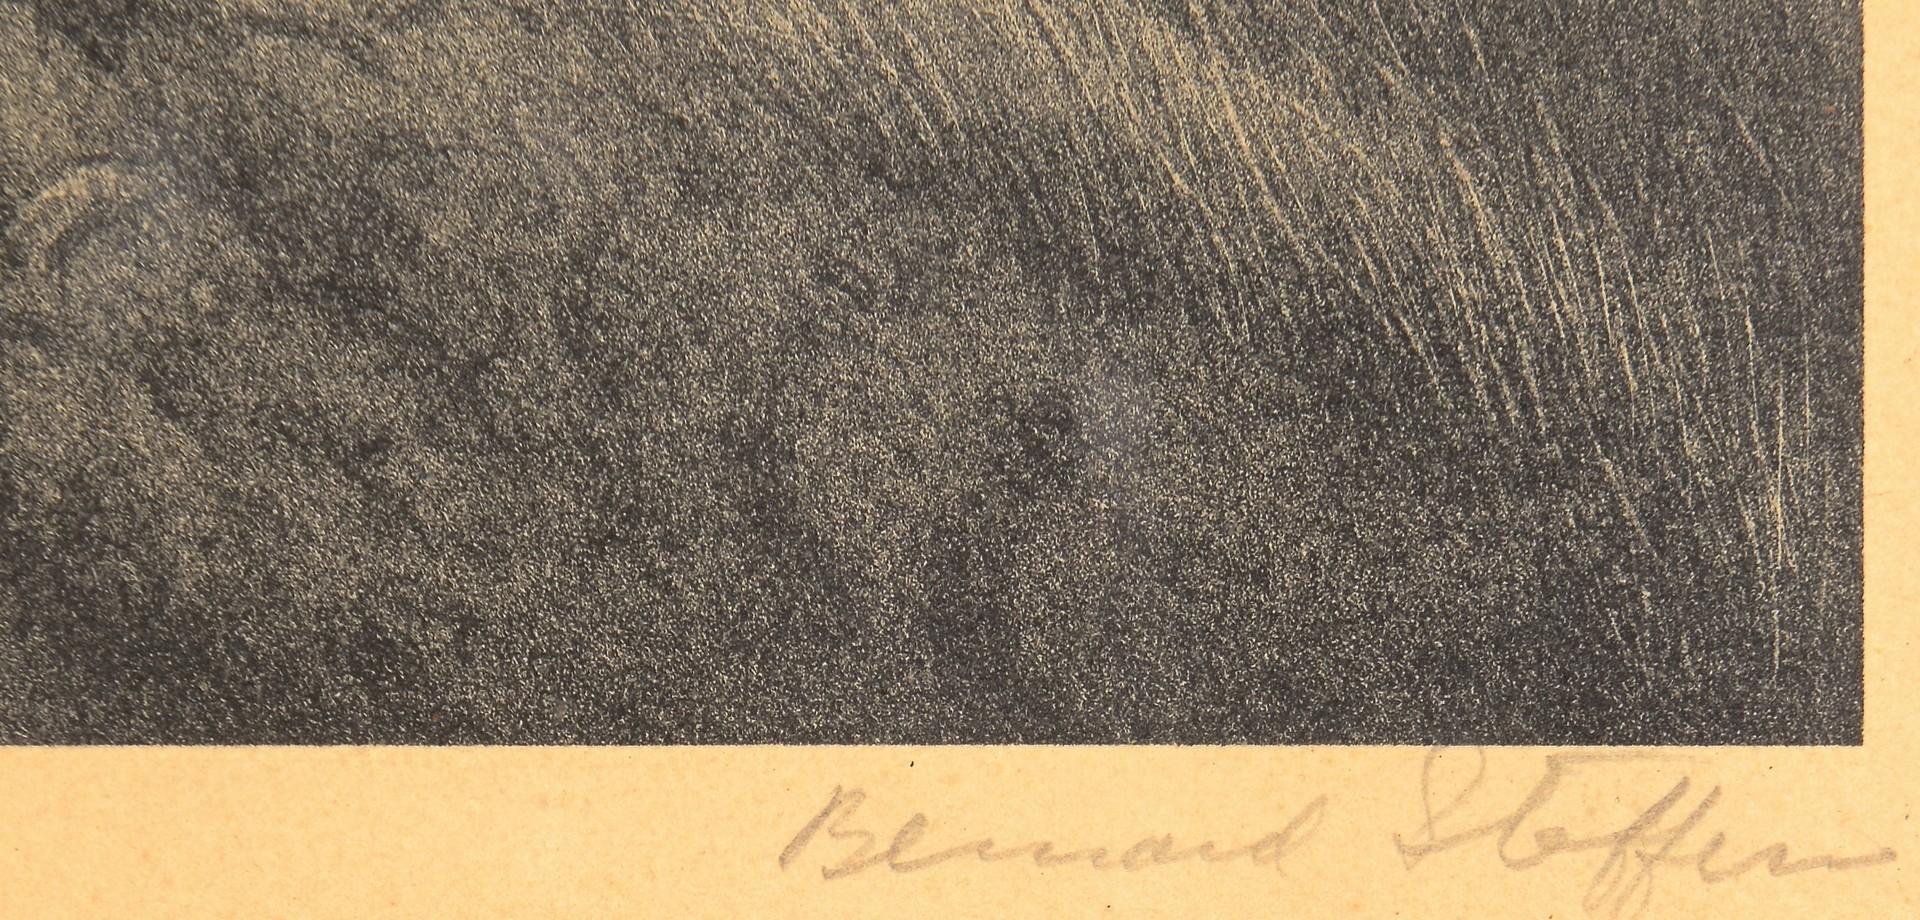 Lot 205: Bernard Steffen Lithograph, Upland